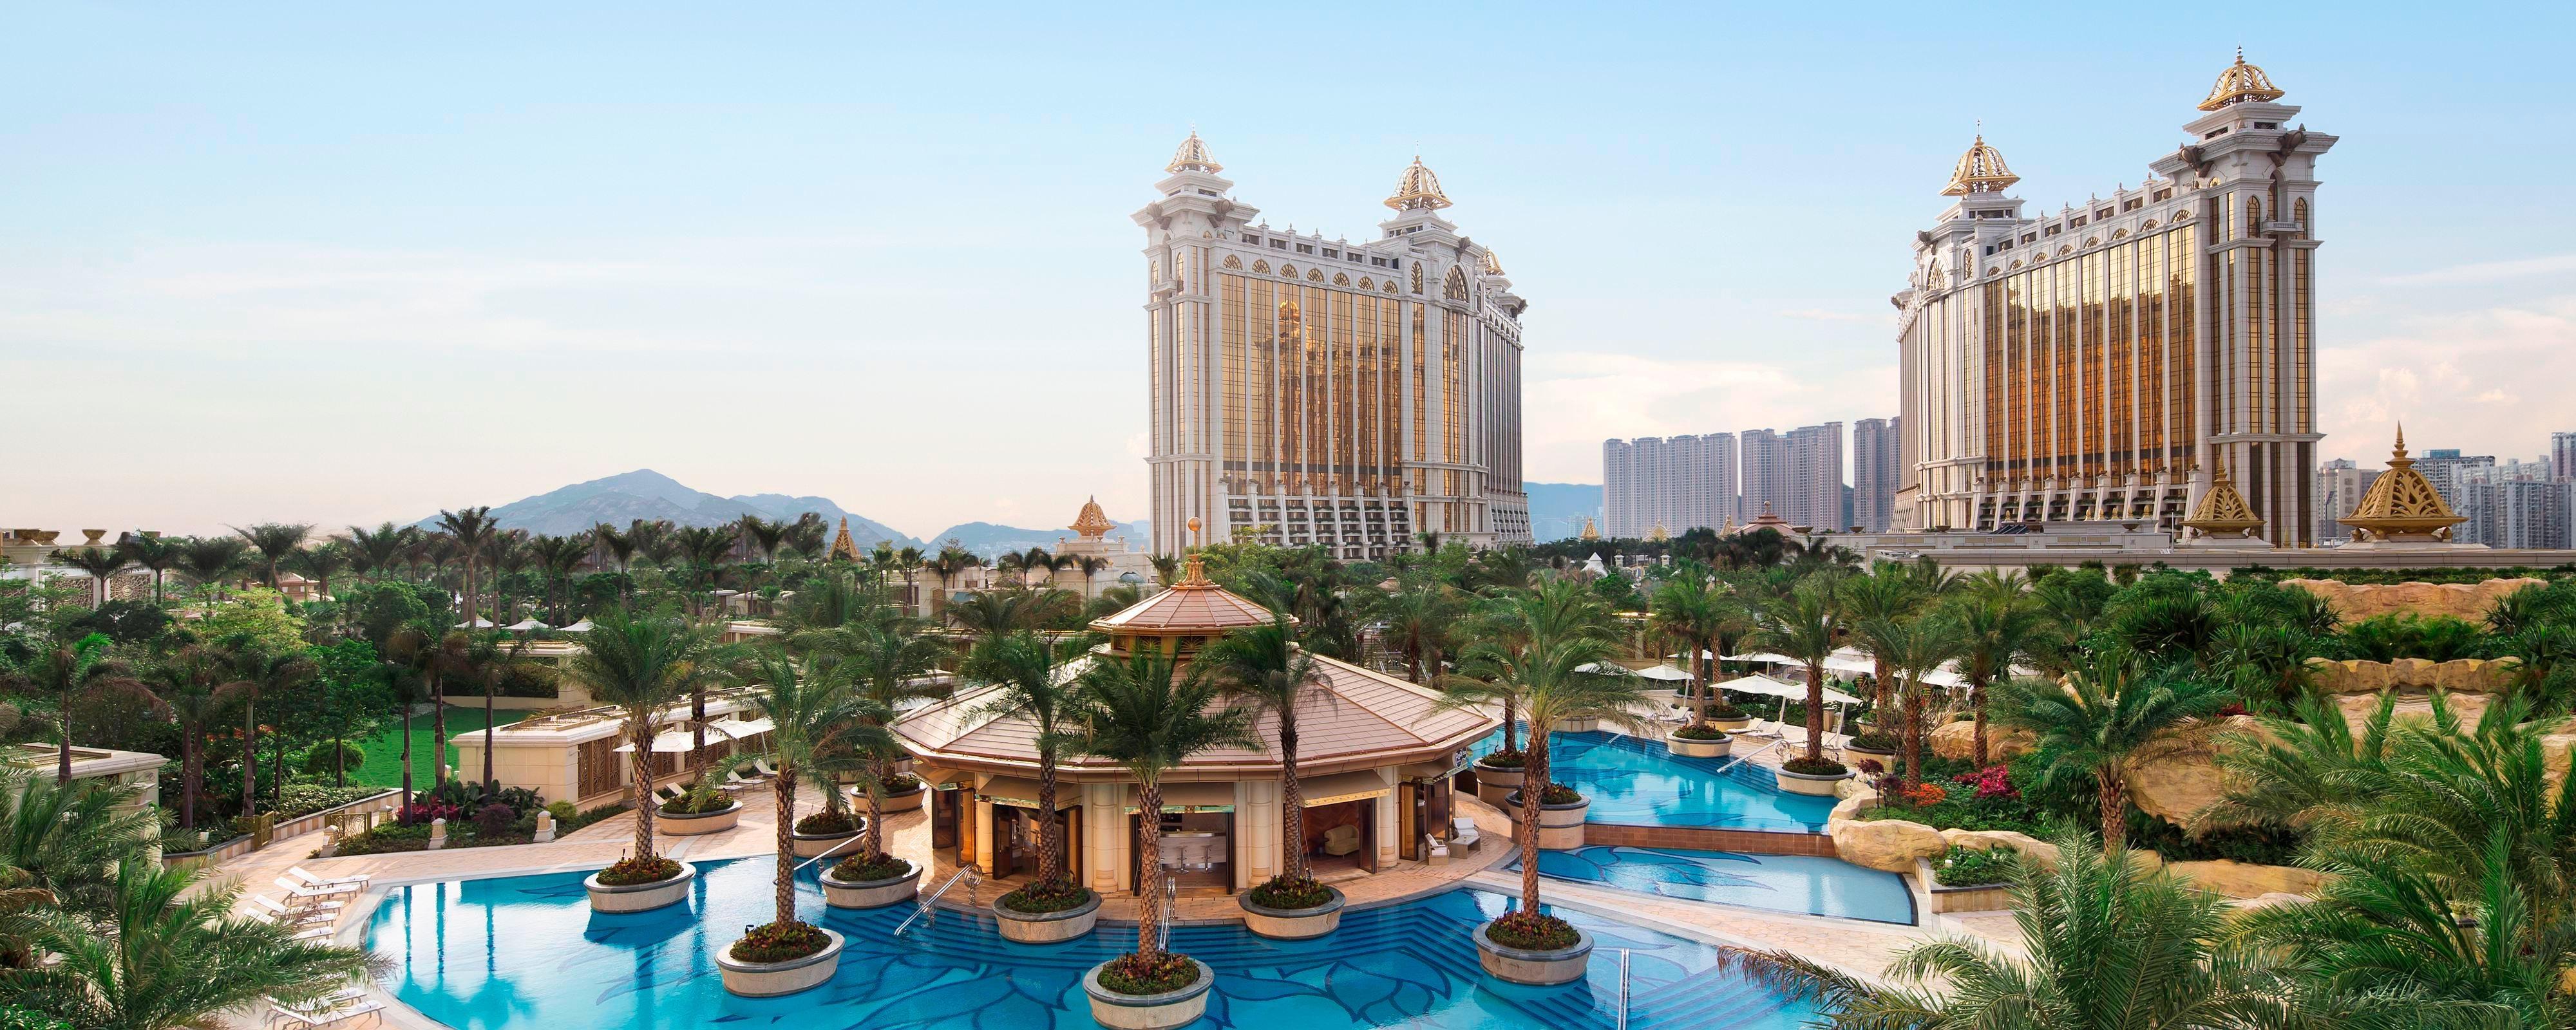 Hotels Macau